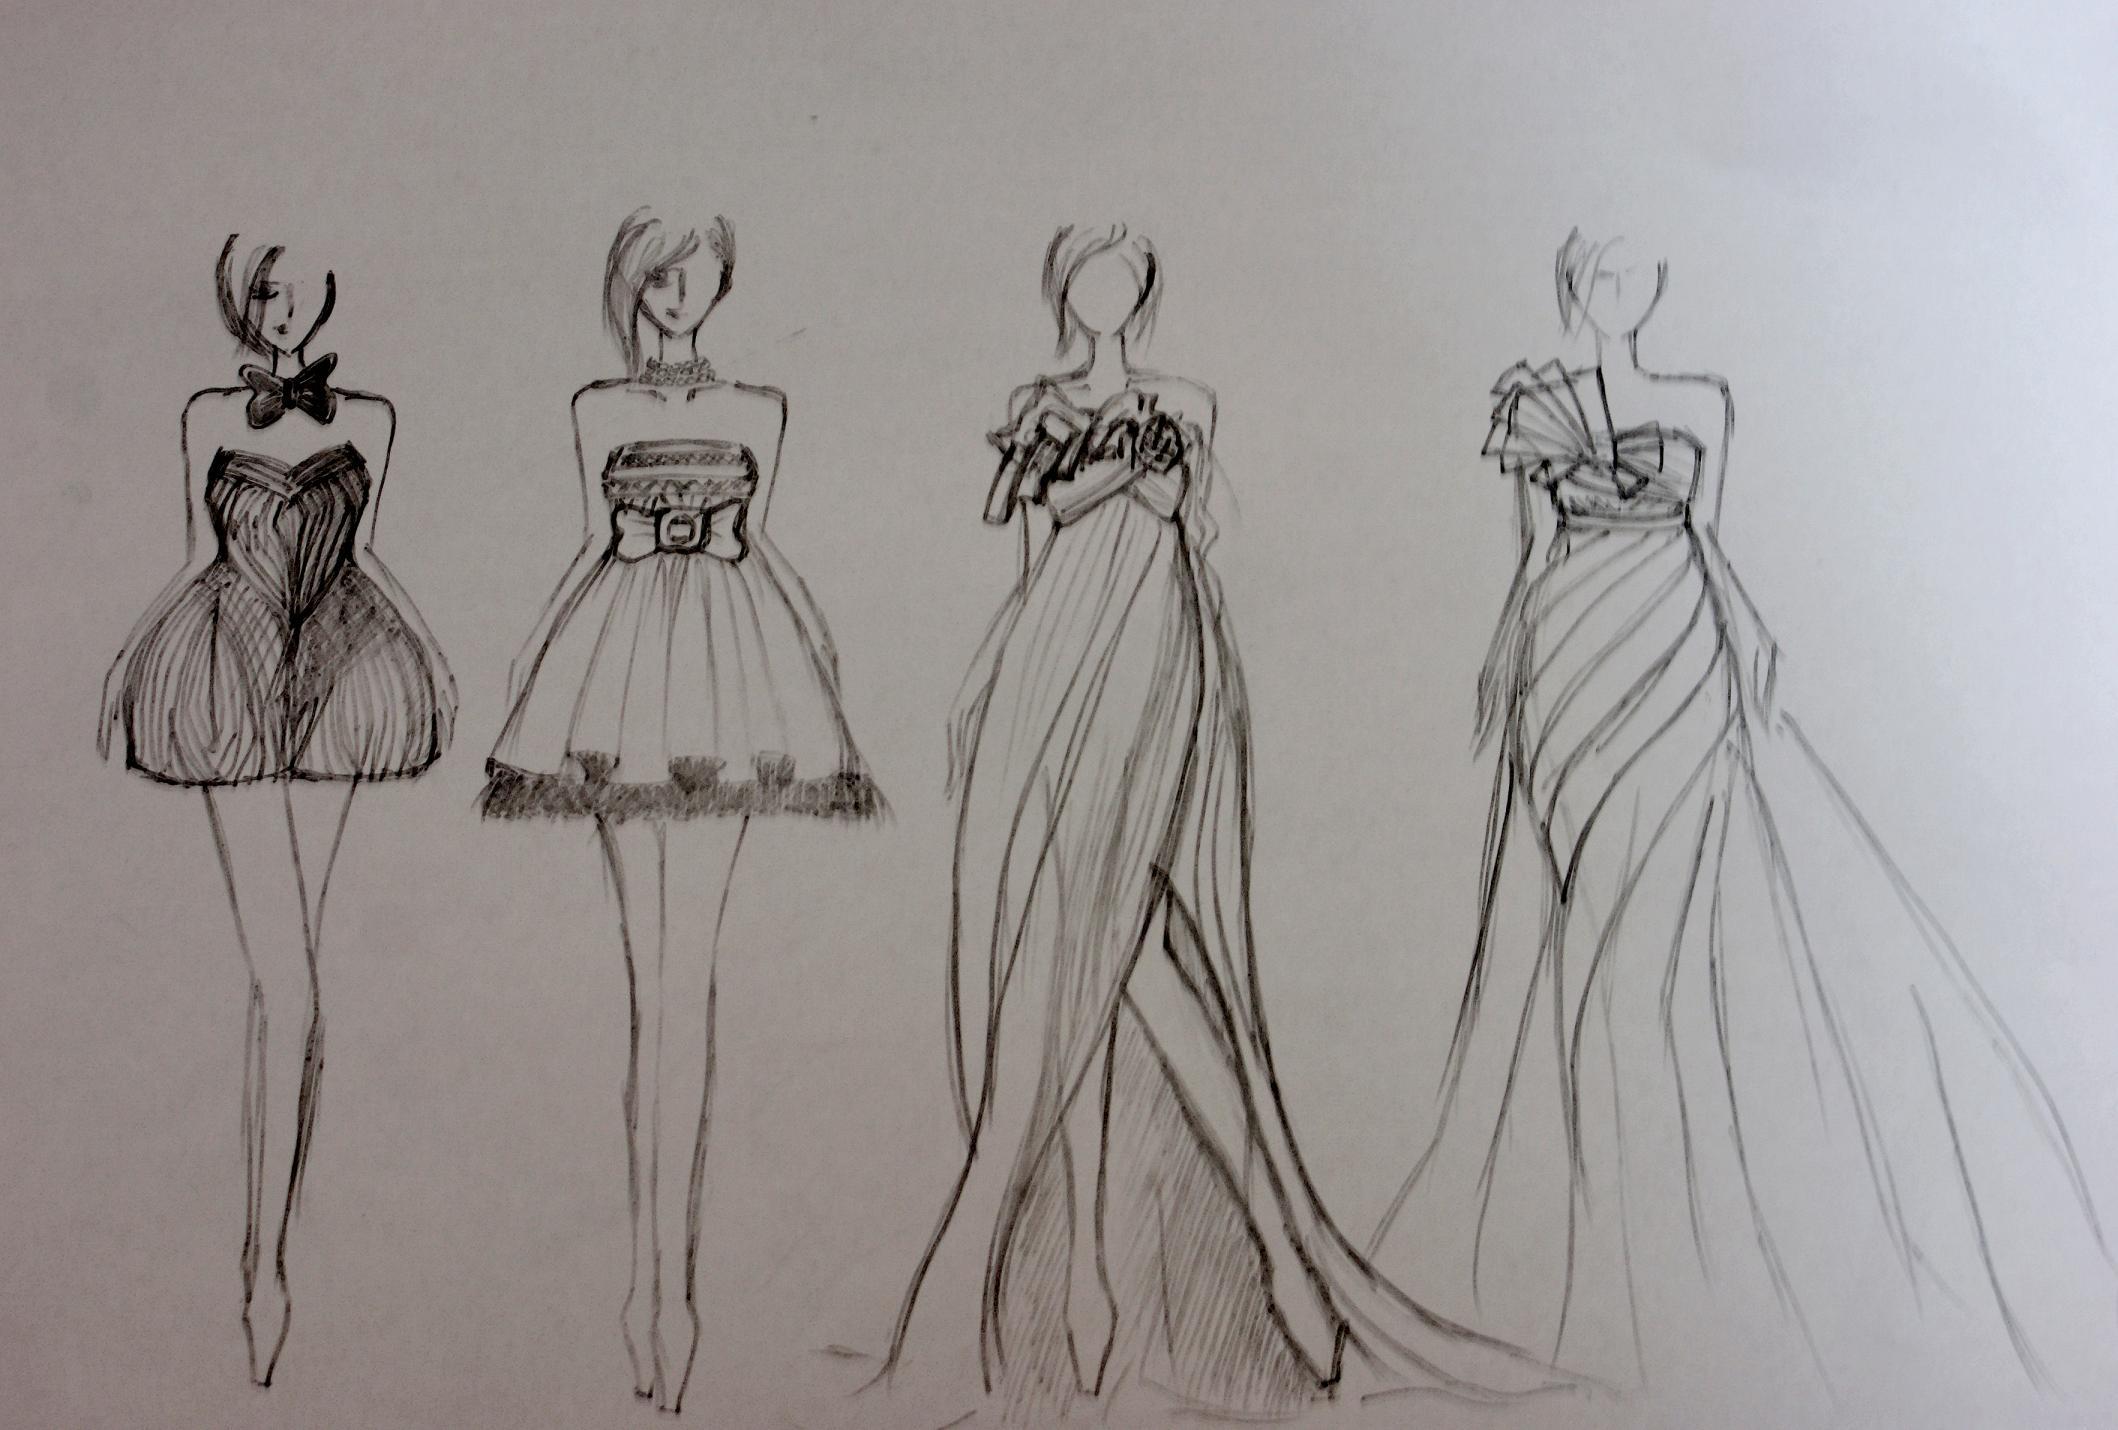 手绘晚礼服设计图铅笔画_手绘晚礼服设计图铅笔画